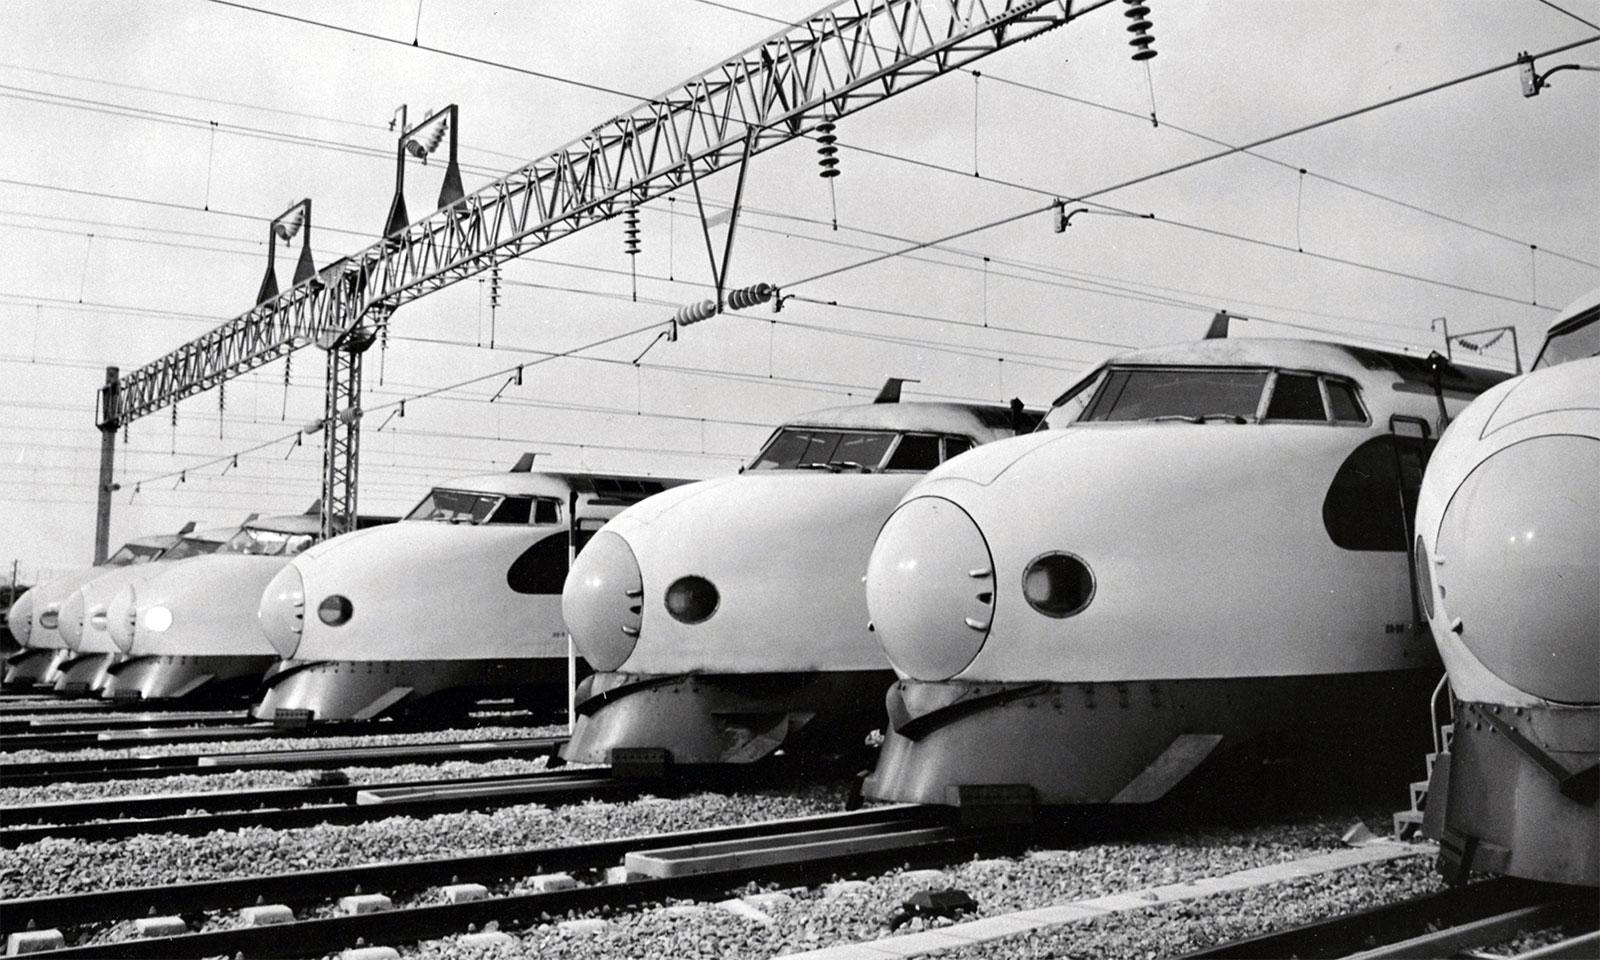 shinkansen 1 - The Tokaido Shinkansen